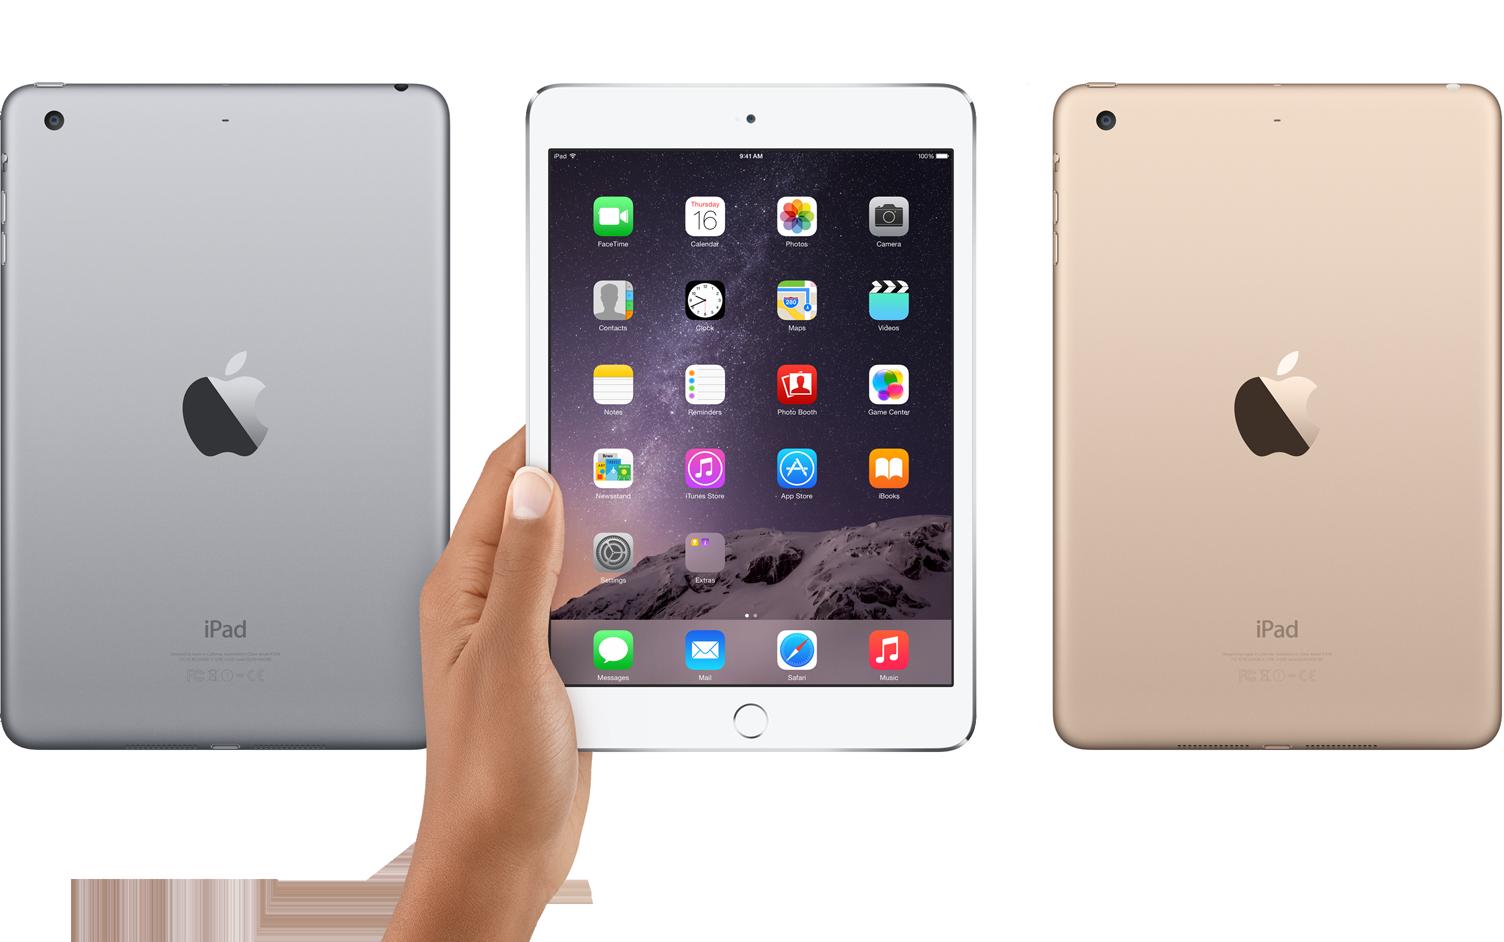 To może być już ostatni dzwonek, żeby kupić iPada mini